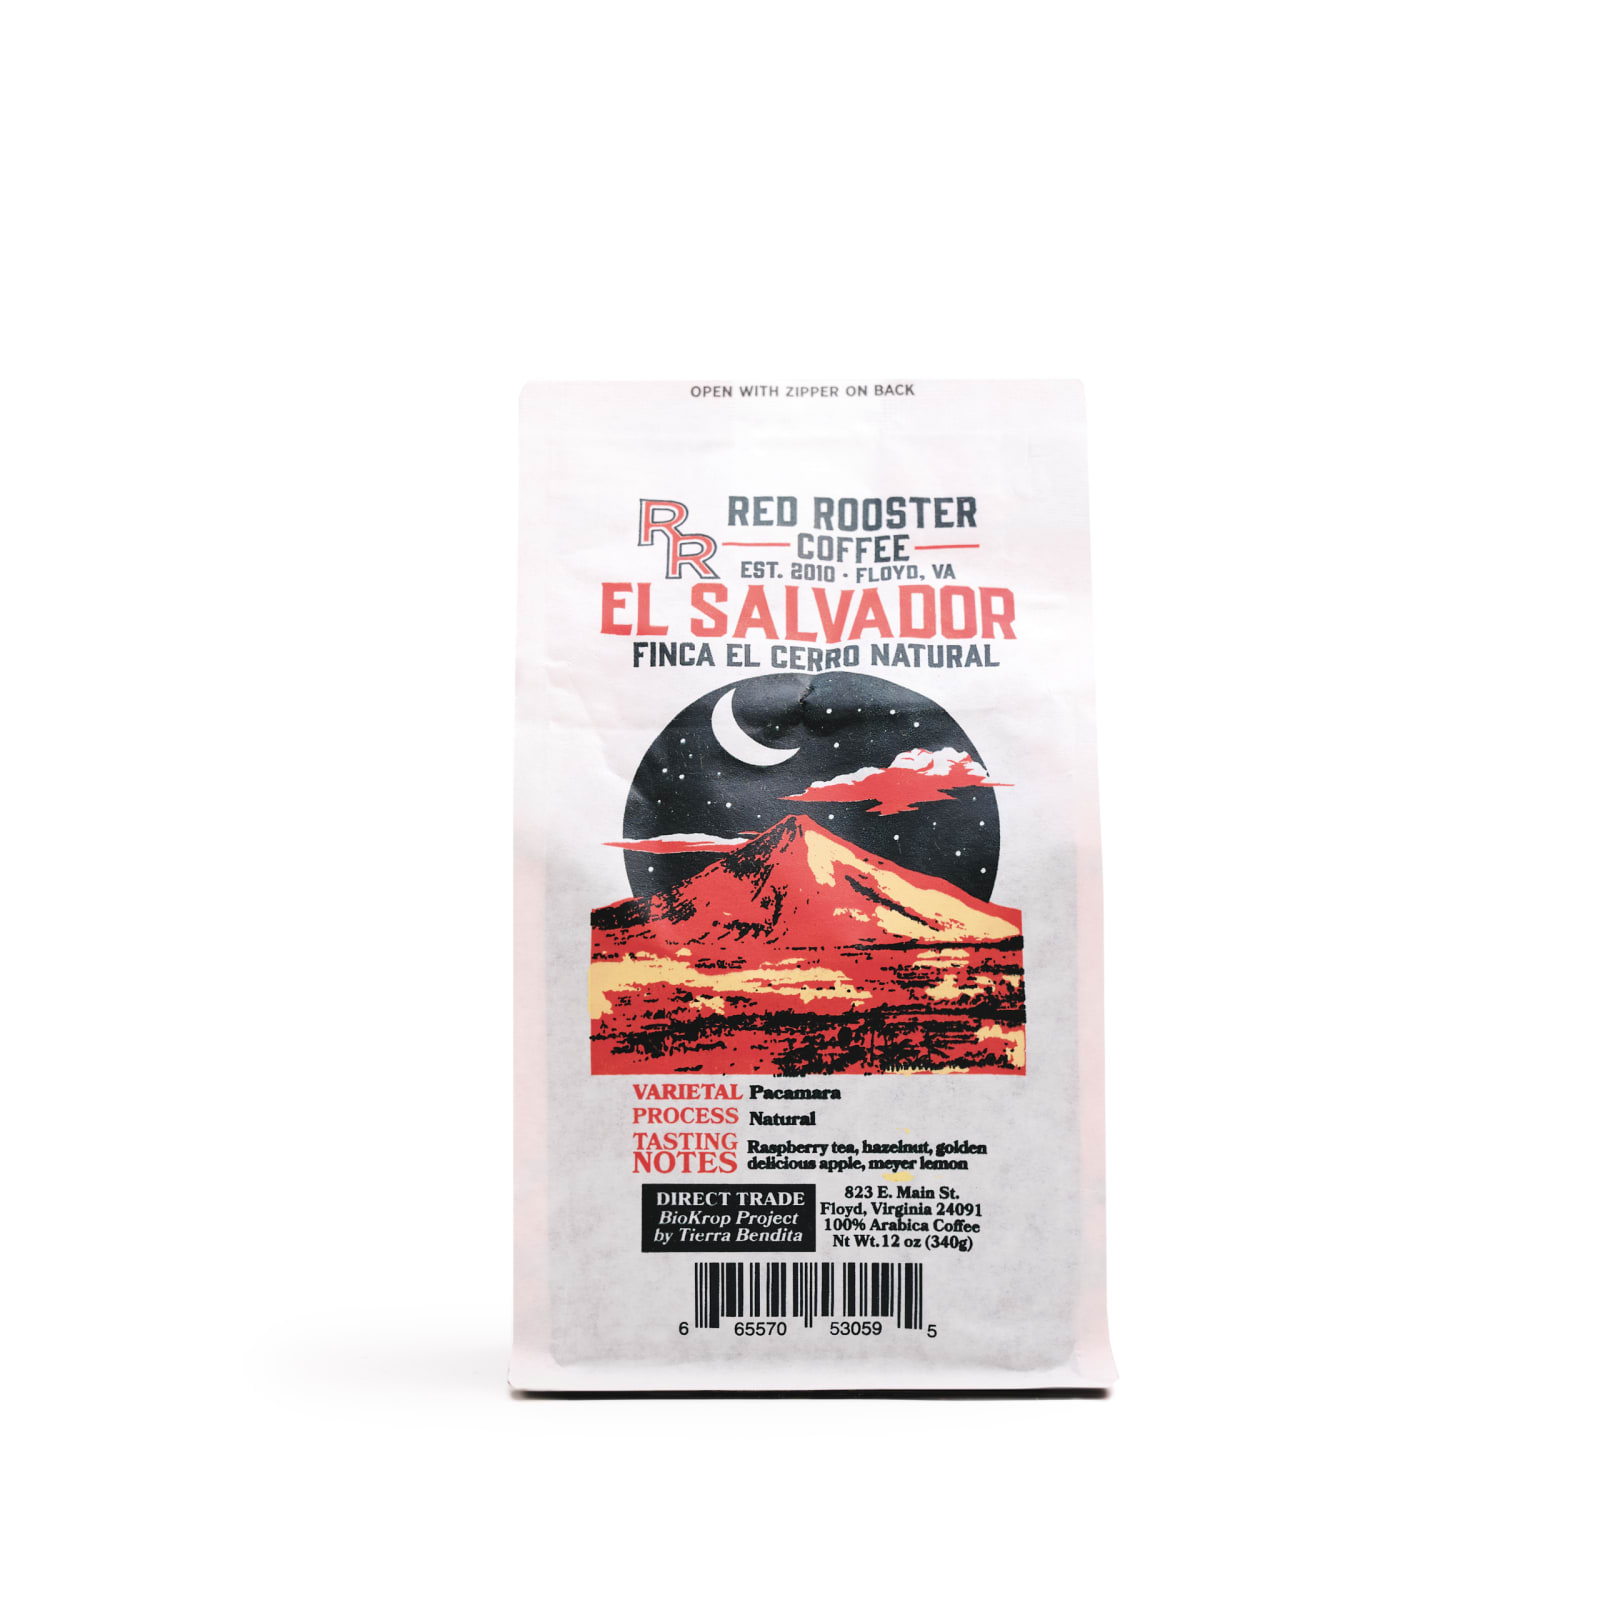 El Salvador Finca El Cerro